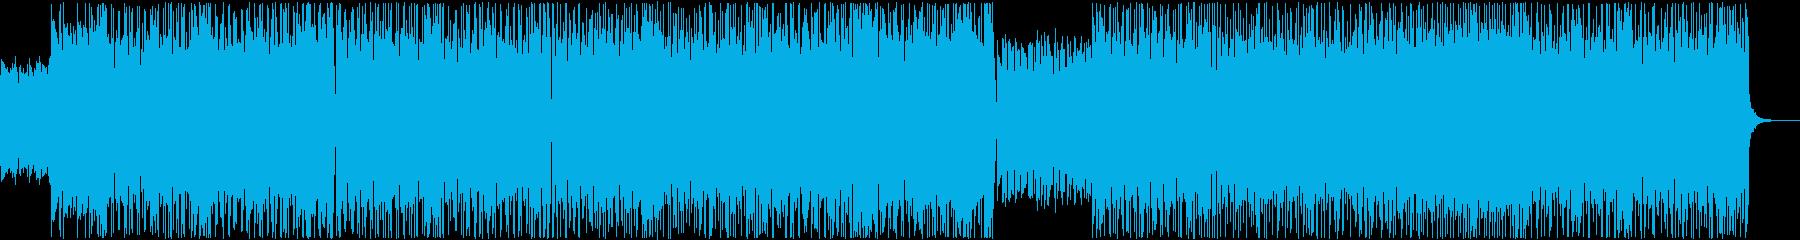 パワフルで疾走感のあるメタル風ロックの再生済みの波形